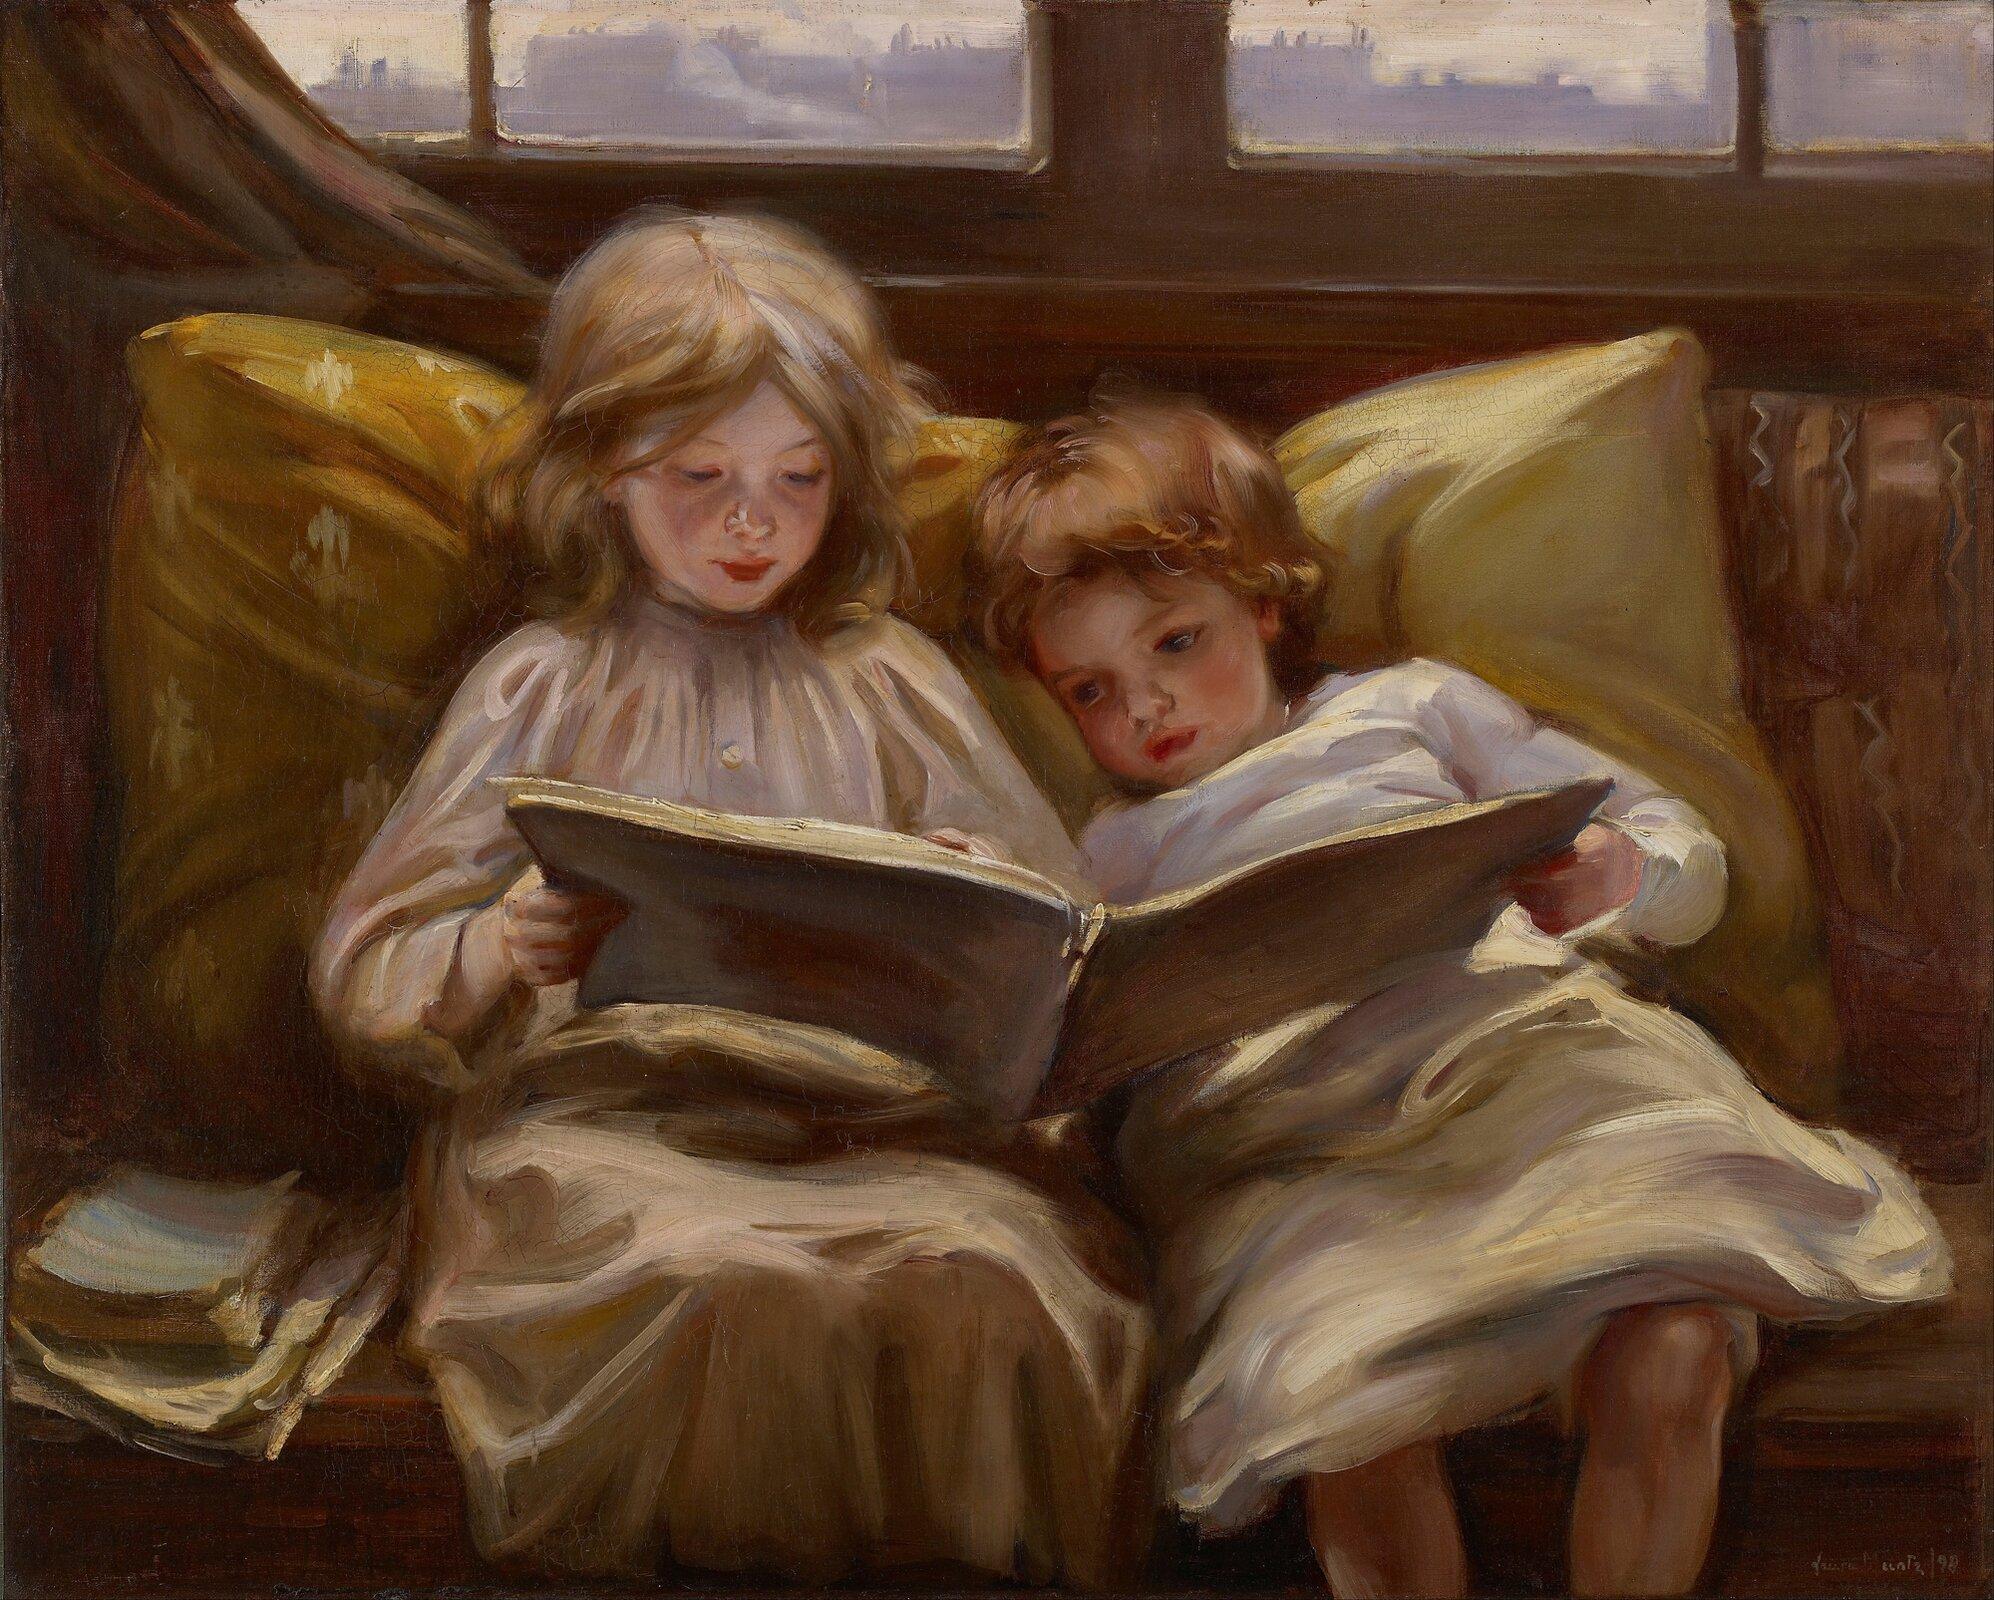 Ciekawa opowieść Źródło: Laura Muntz Lyall, Ciekawa opowieść, 1898, olej na płótnie, Art Gallery of Ontario, domena publiczna.